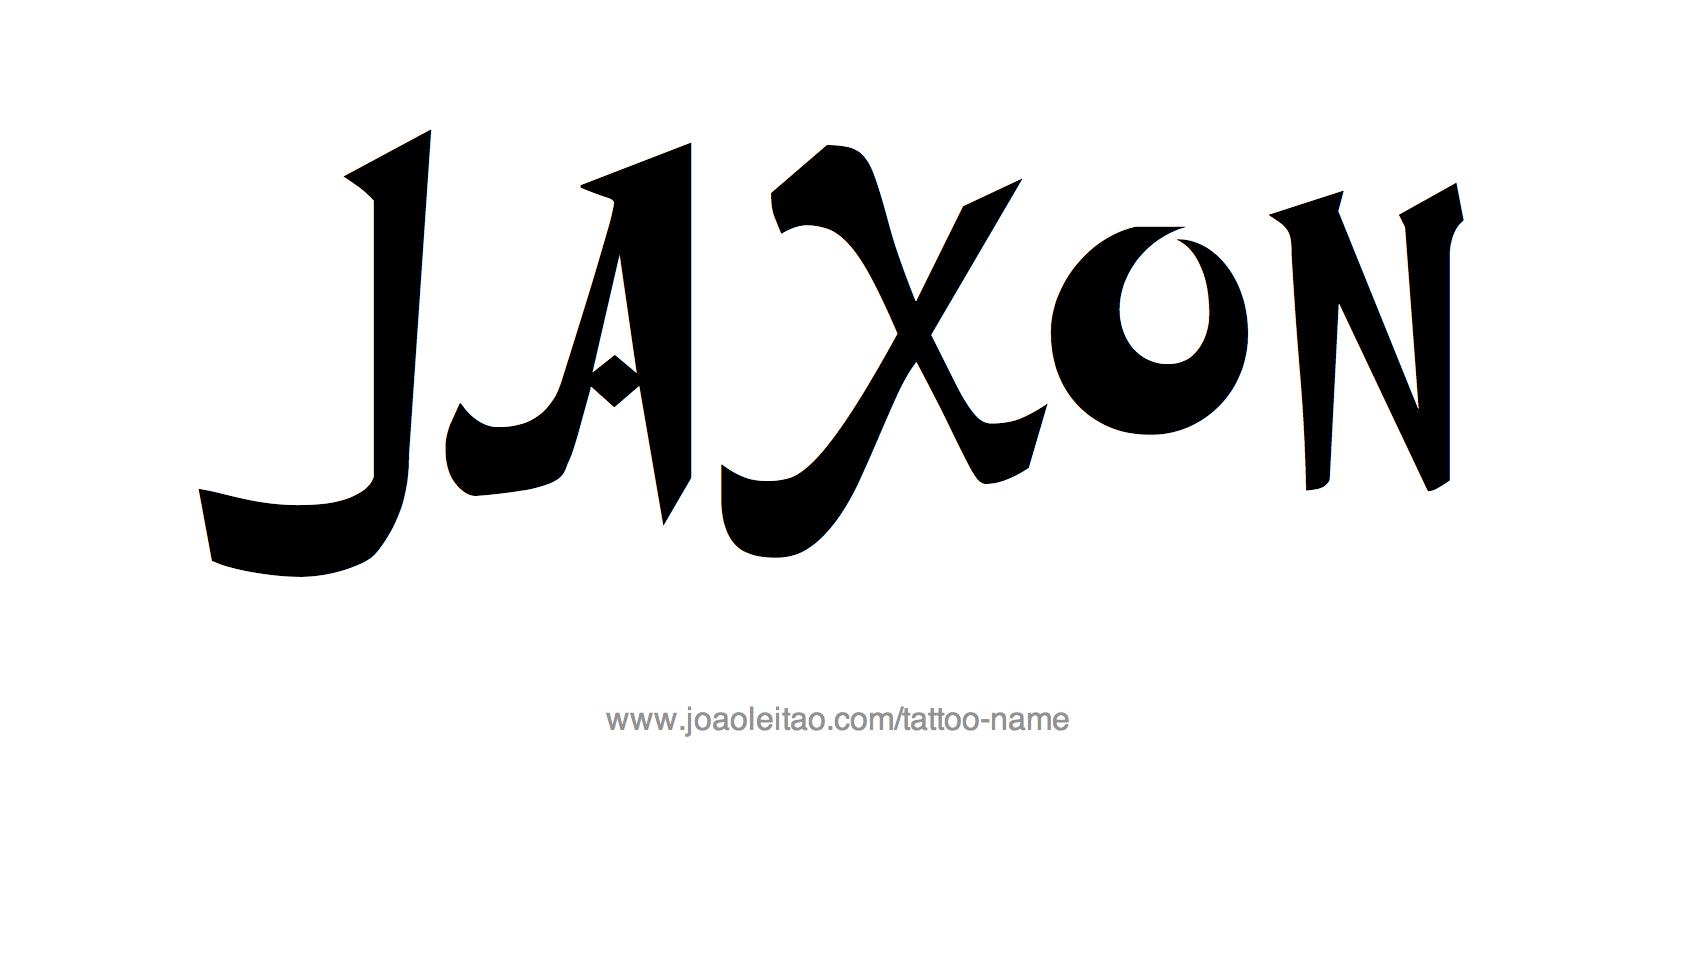 Jaxon Name Tattoo Designs